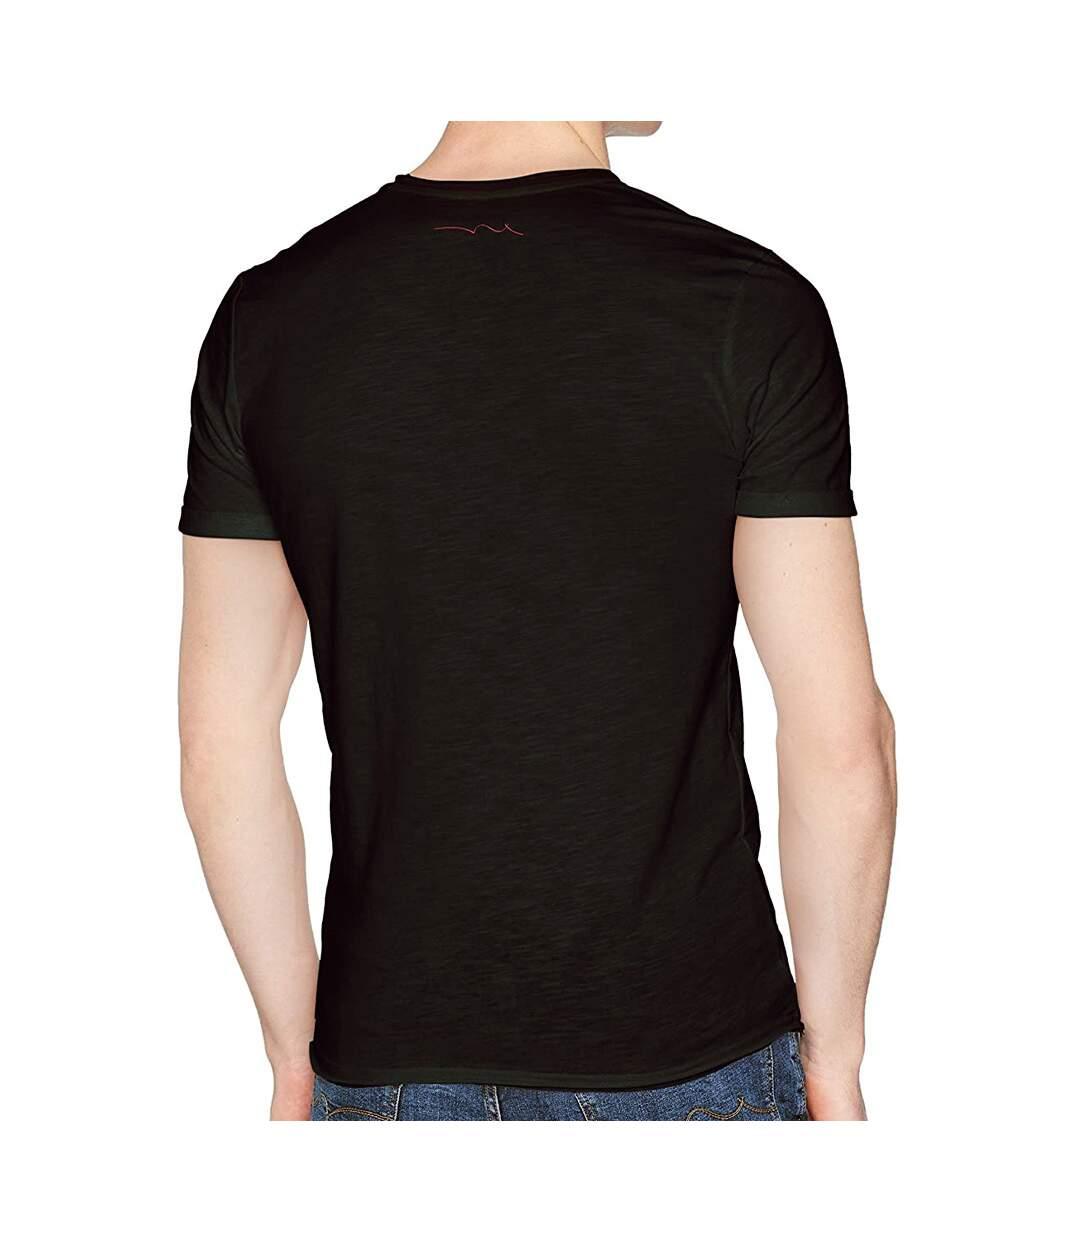 T-shirt Noir Homme Teddy Smith Turos